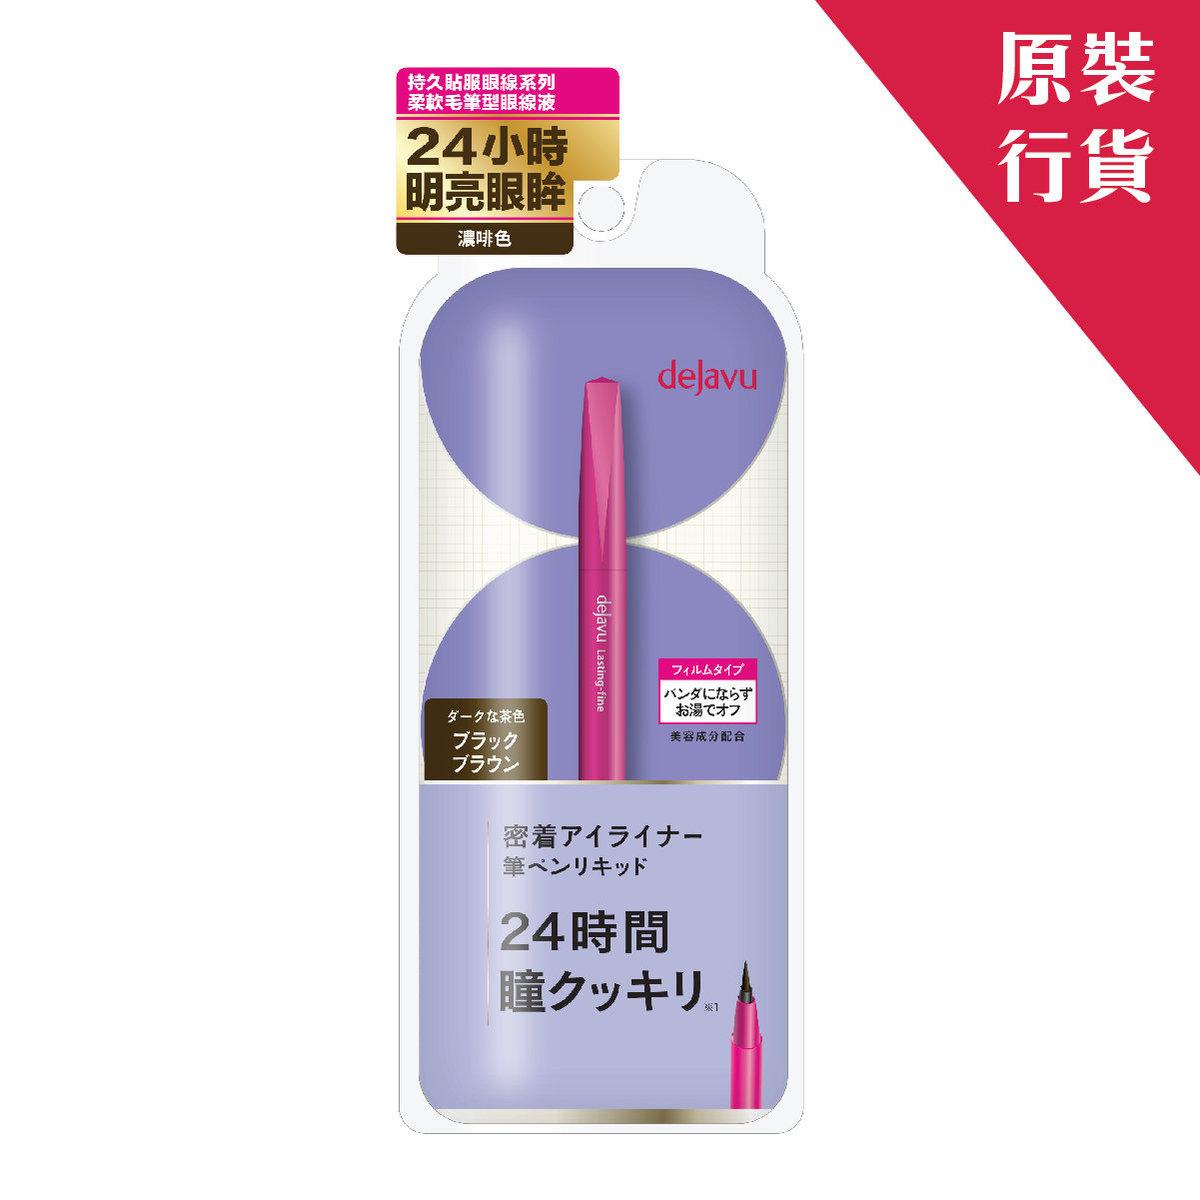 [Authorized Goods] Made in Japan- Lasting Fine Brush Liquid Eyeliner E, Black Brown